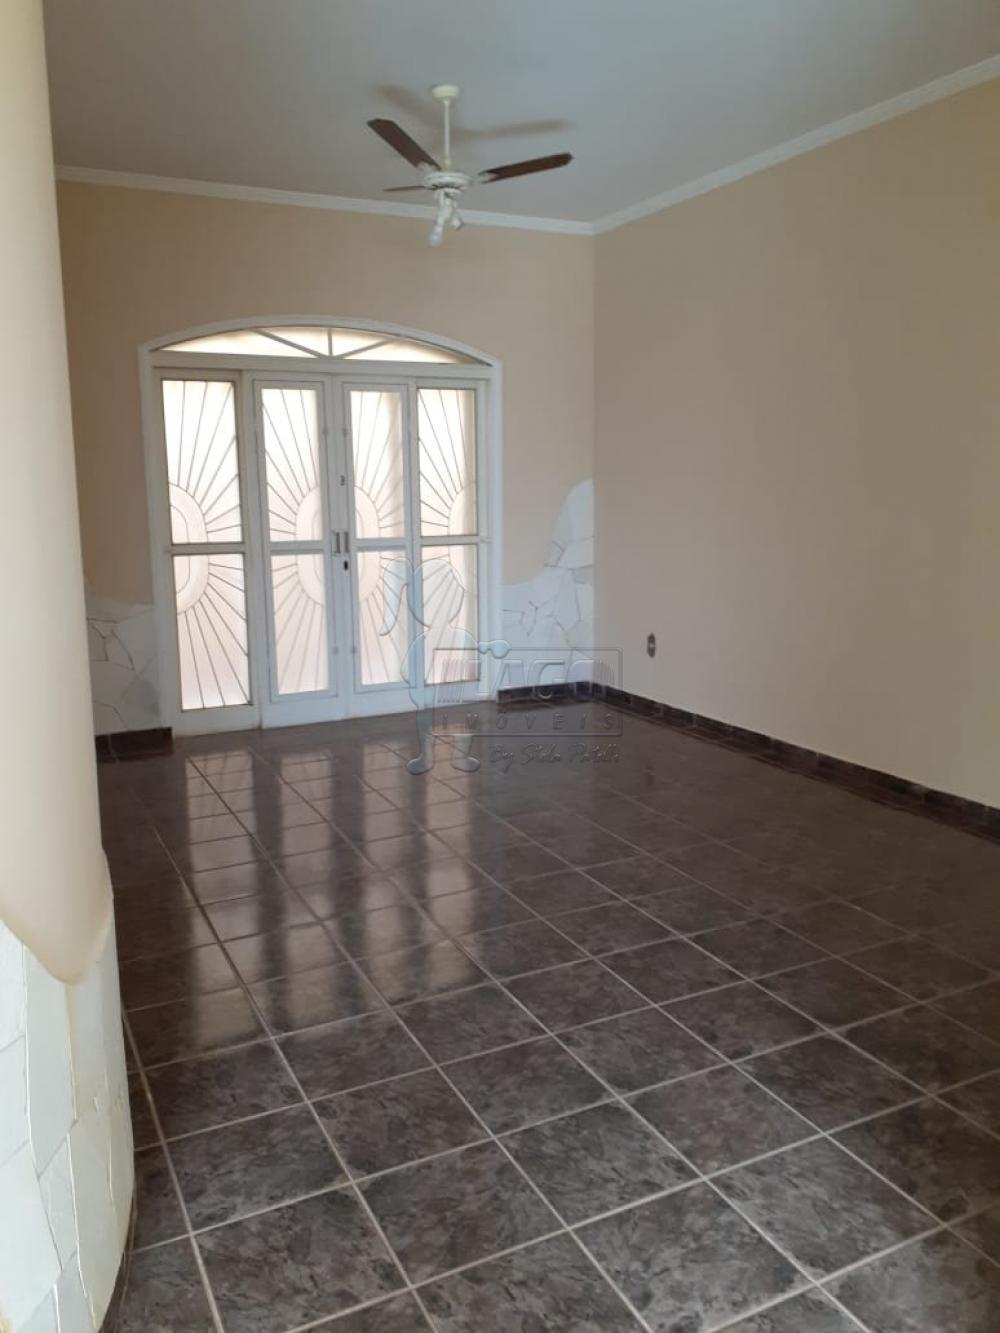 Comprar Casas / Padrão em Ribeirão Preto apenas R$ 840.000,00 - Foto 11